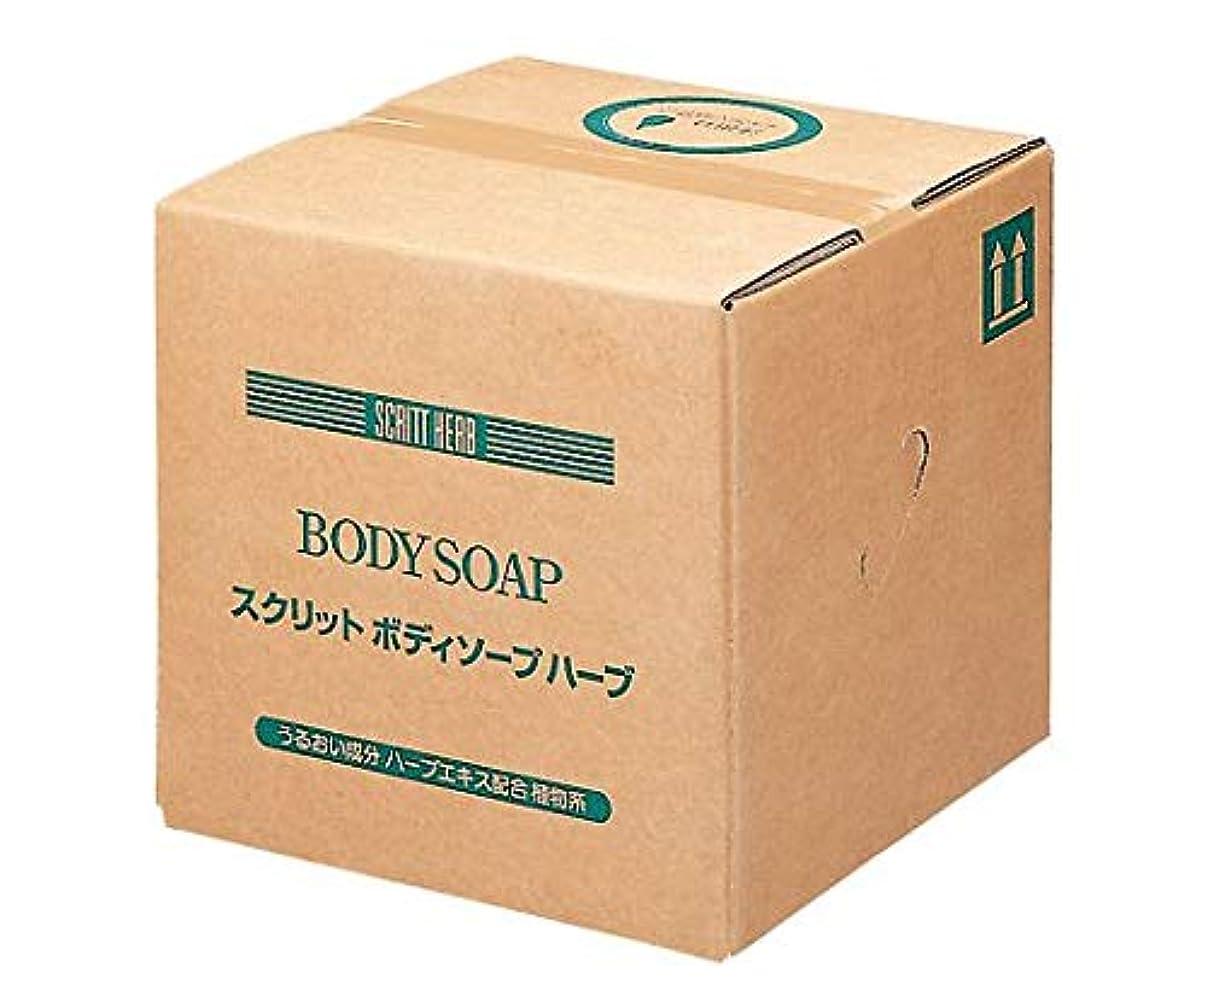 養うキラウエア山成熟した熊野油脂 業務用 SCRITT(スクリット) ボデイソ-プ 18L